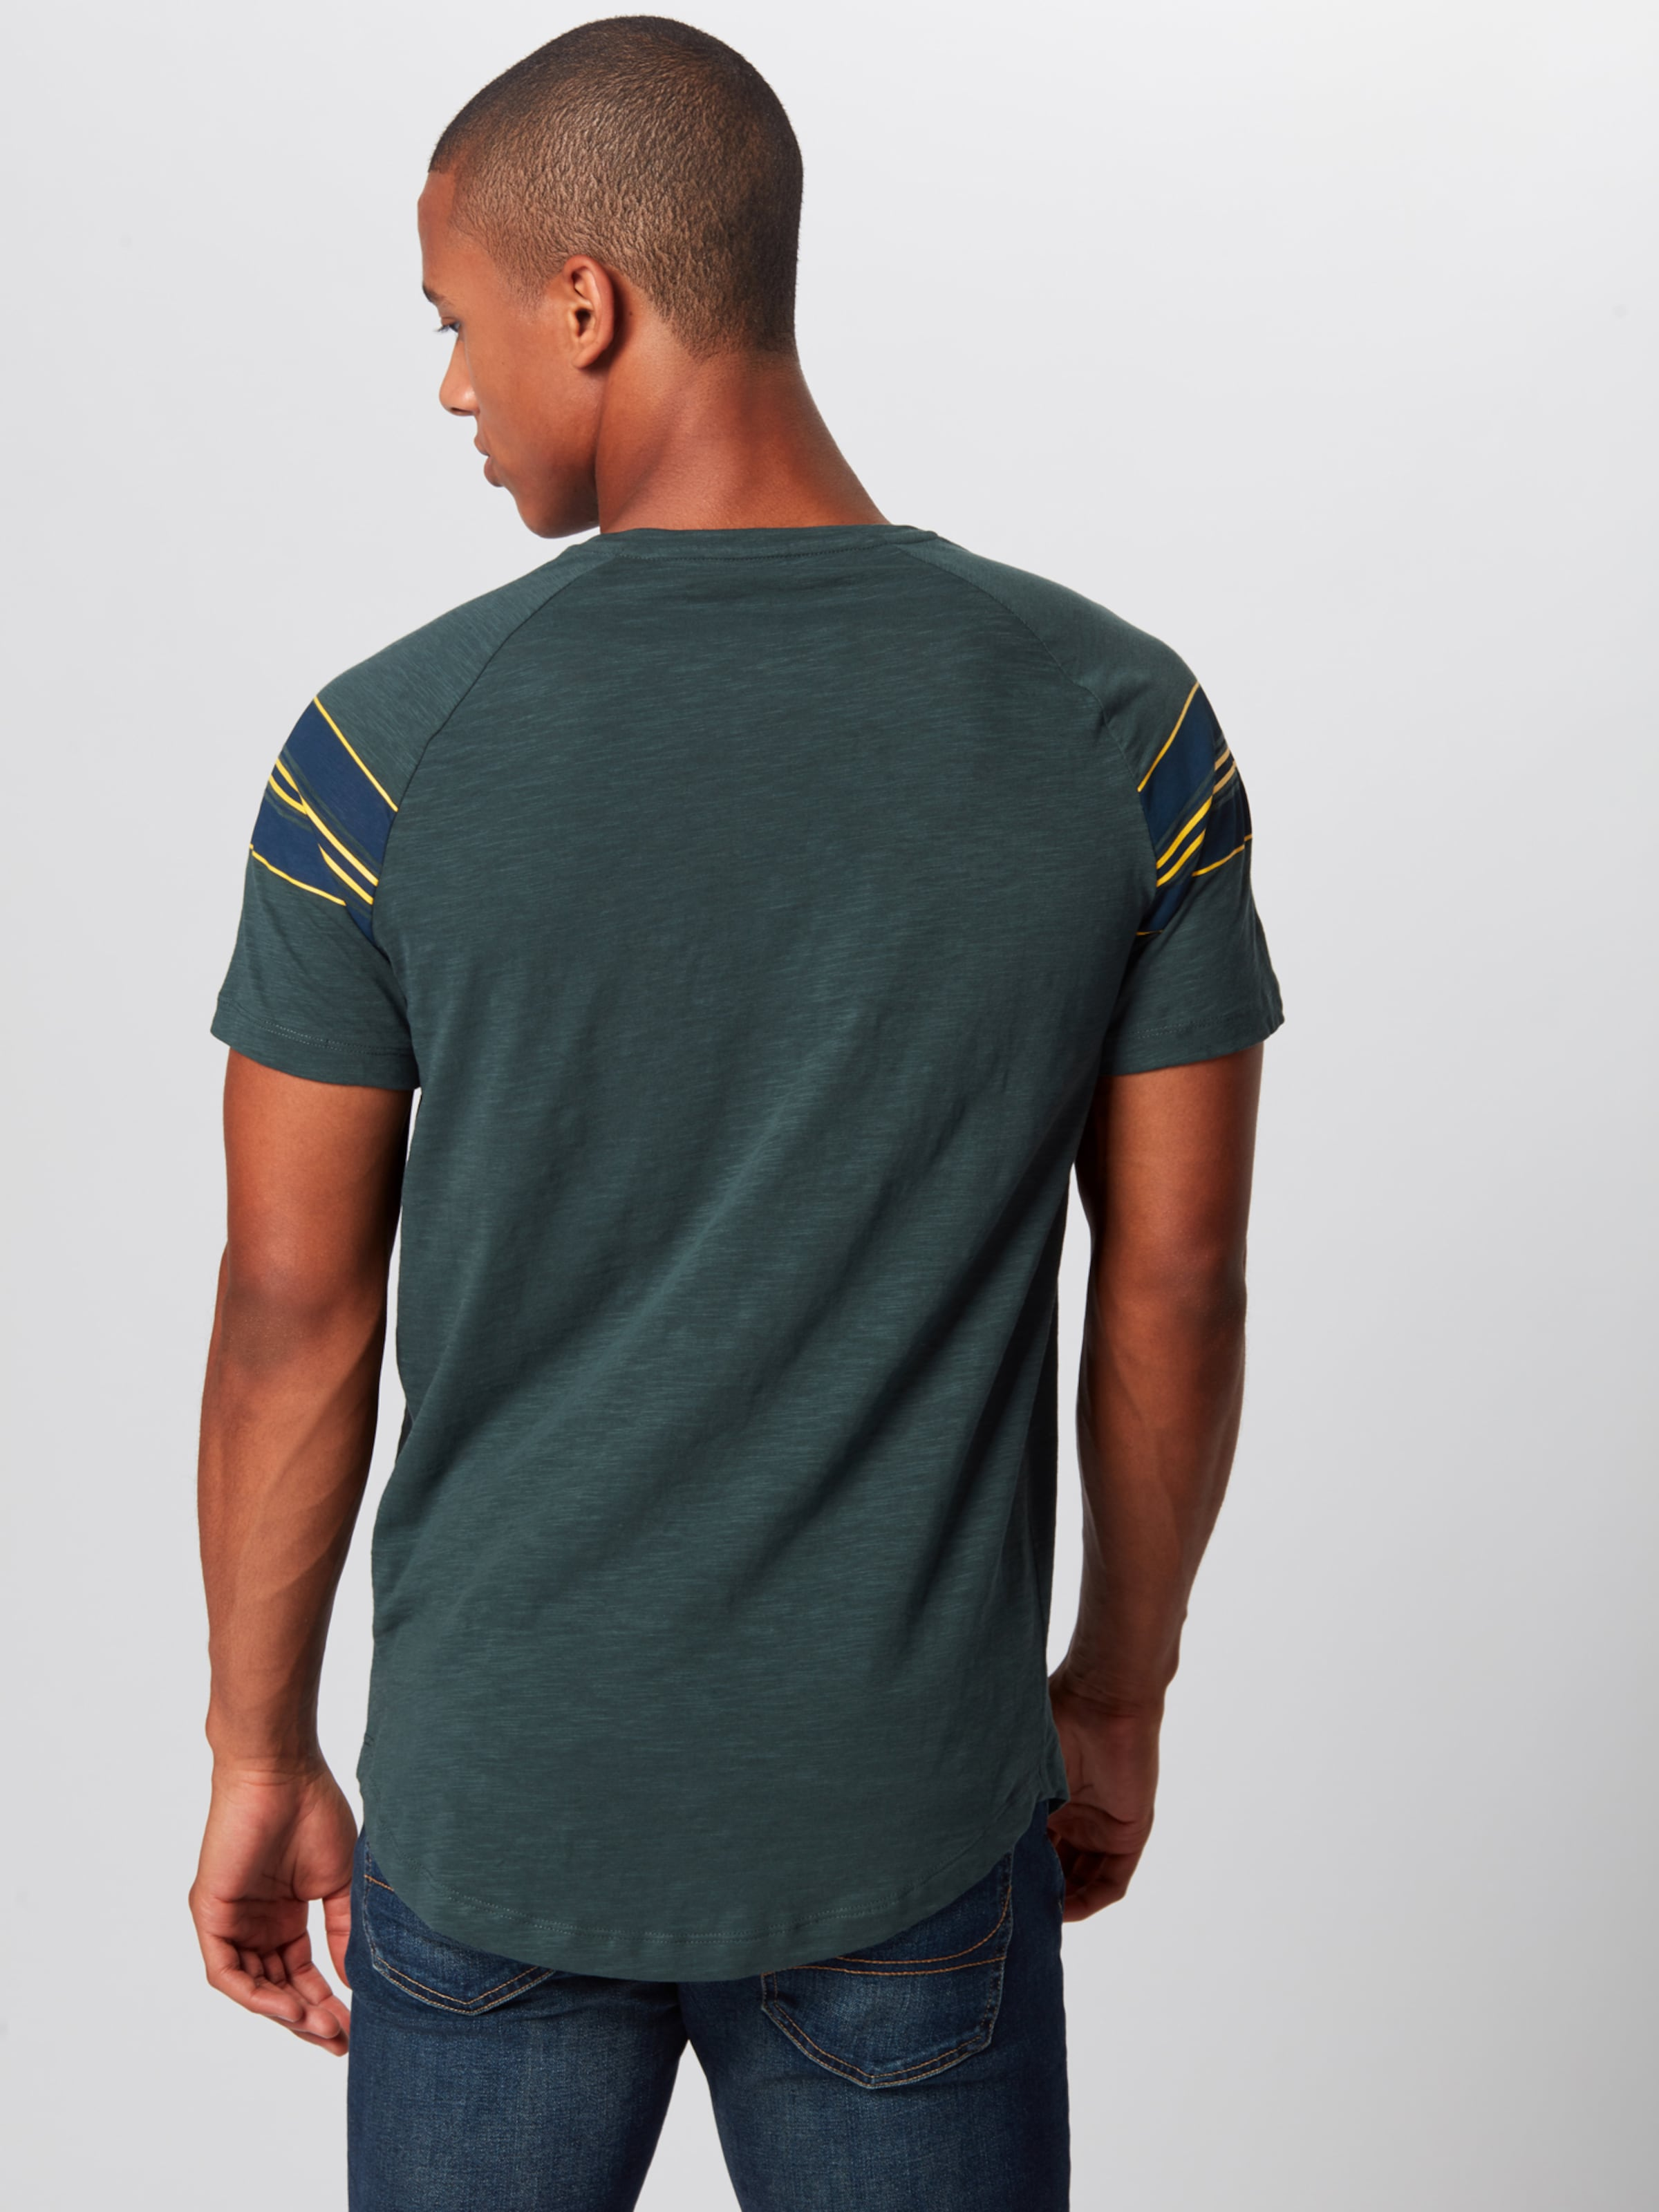 Shirt Dunkelgrün In Tailor Tom Denim cF1KJl